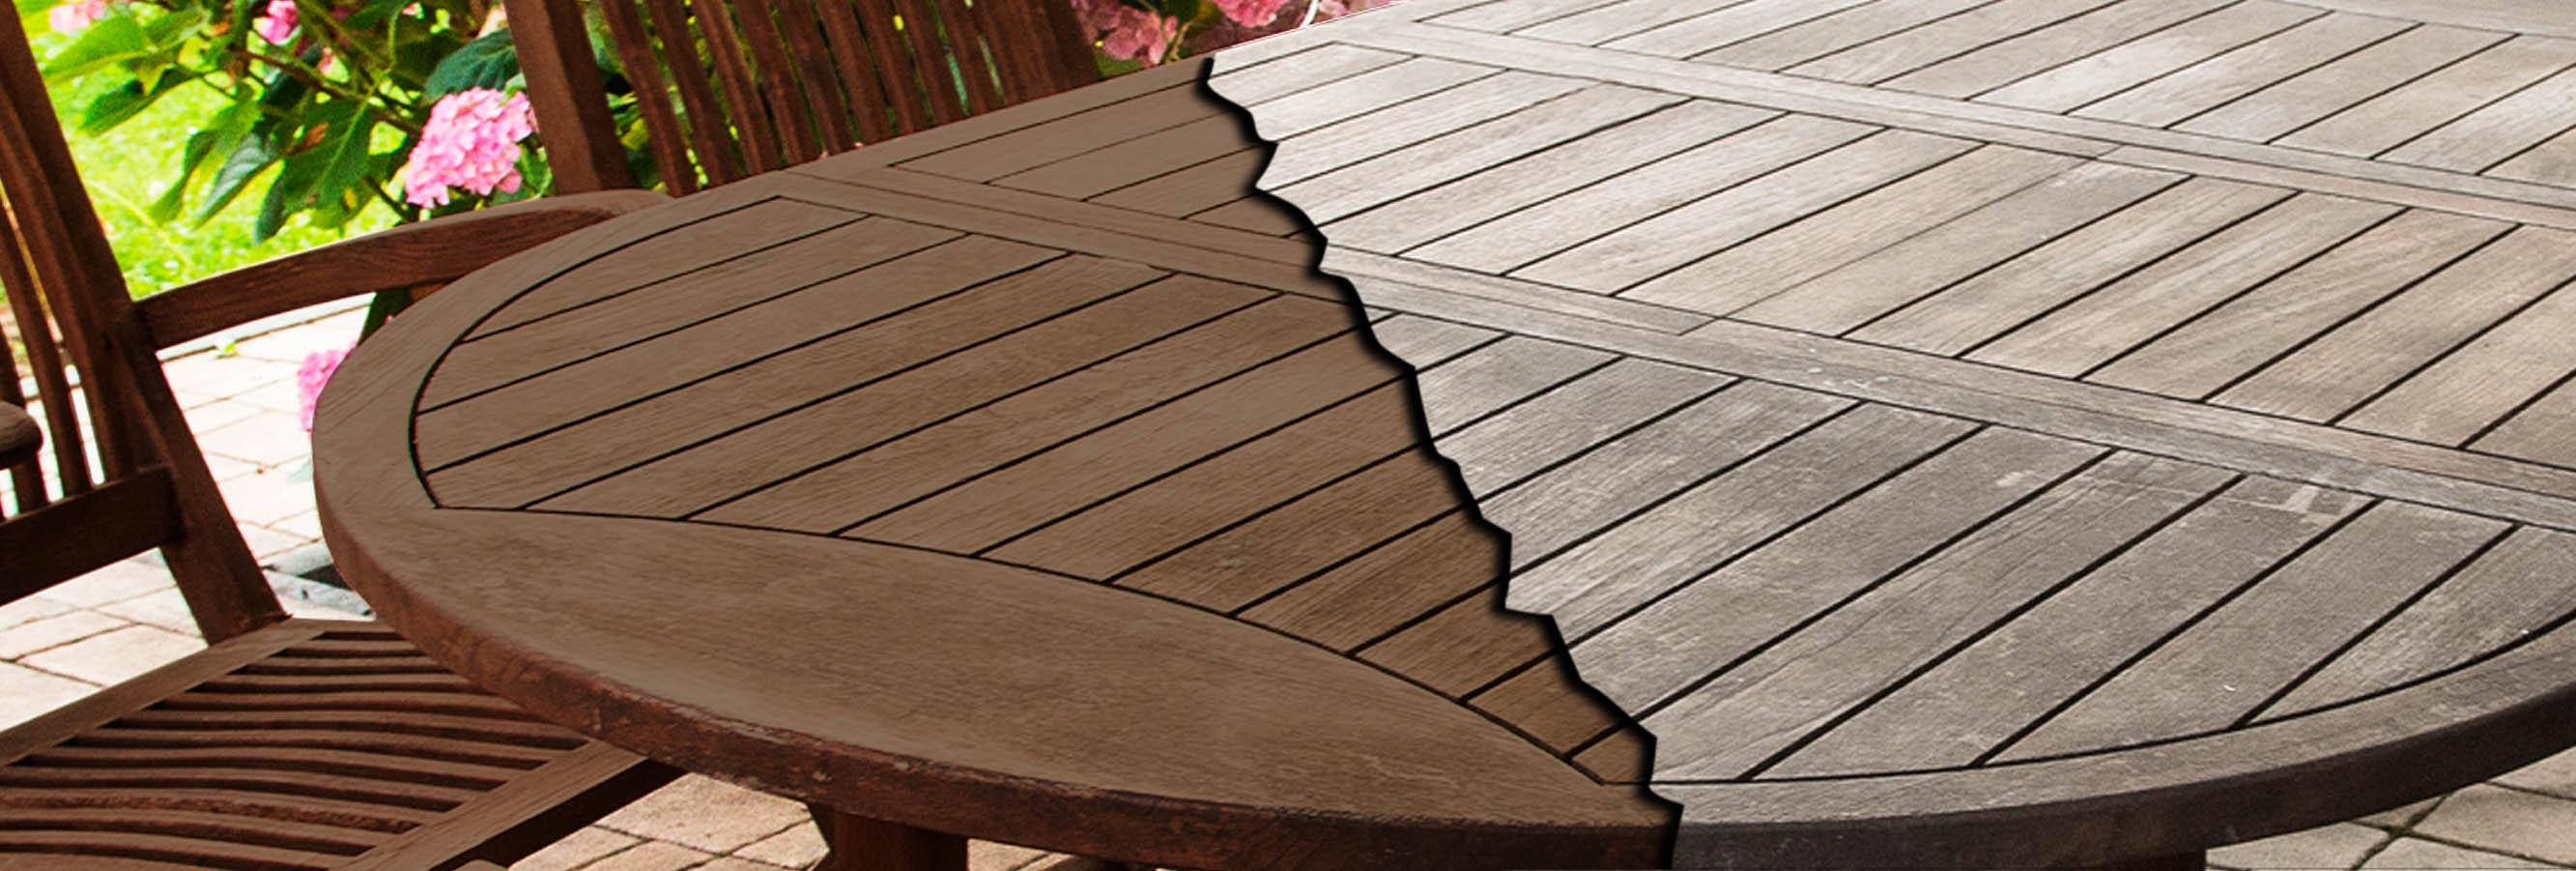 Productos aplicados a mobiliario exterior de madera para su protección y belleza